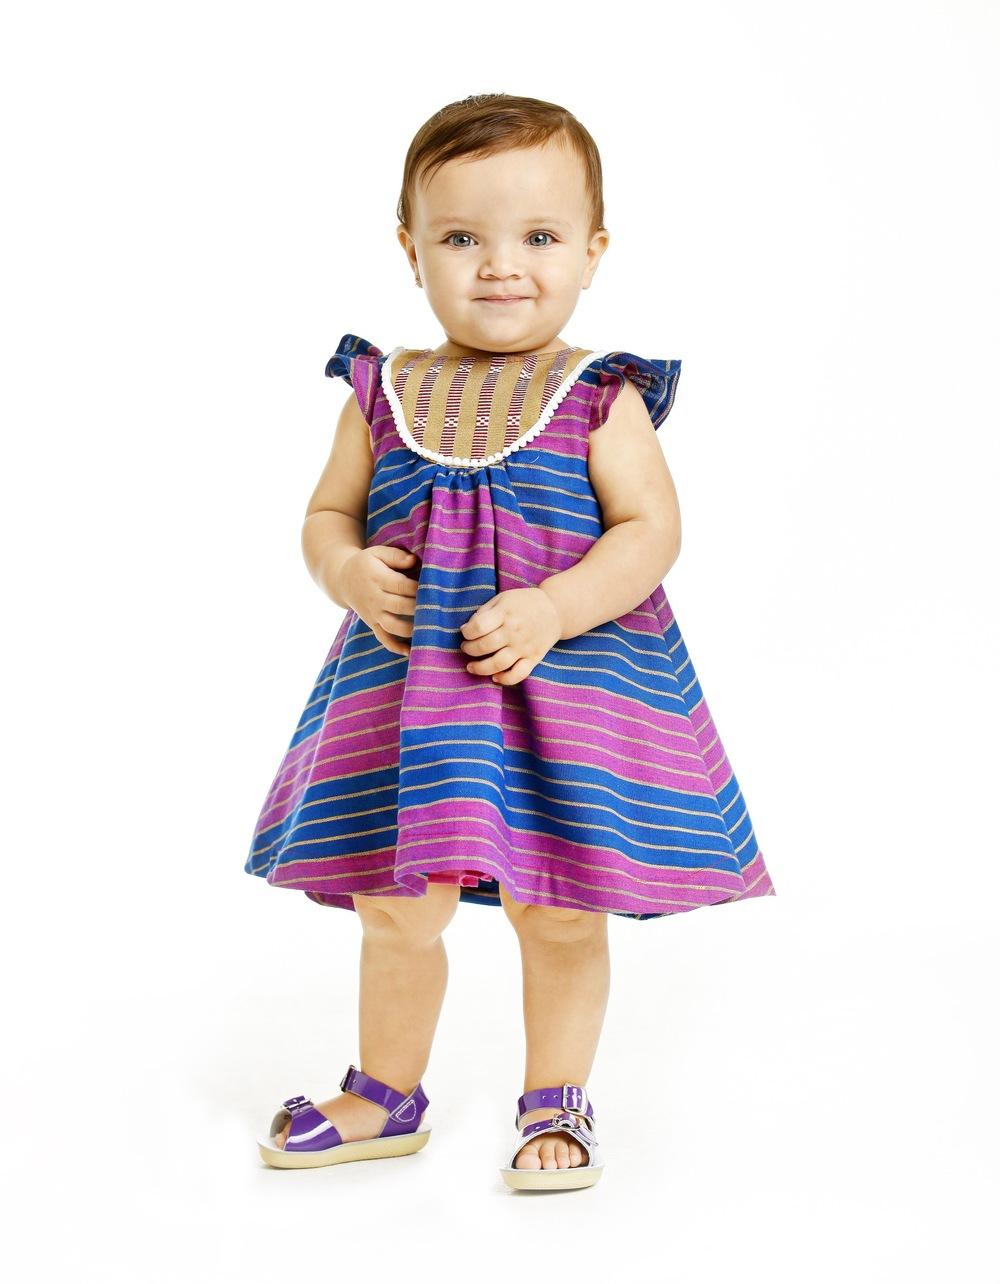 Sami in the blue bib dress